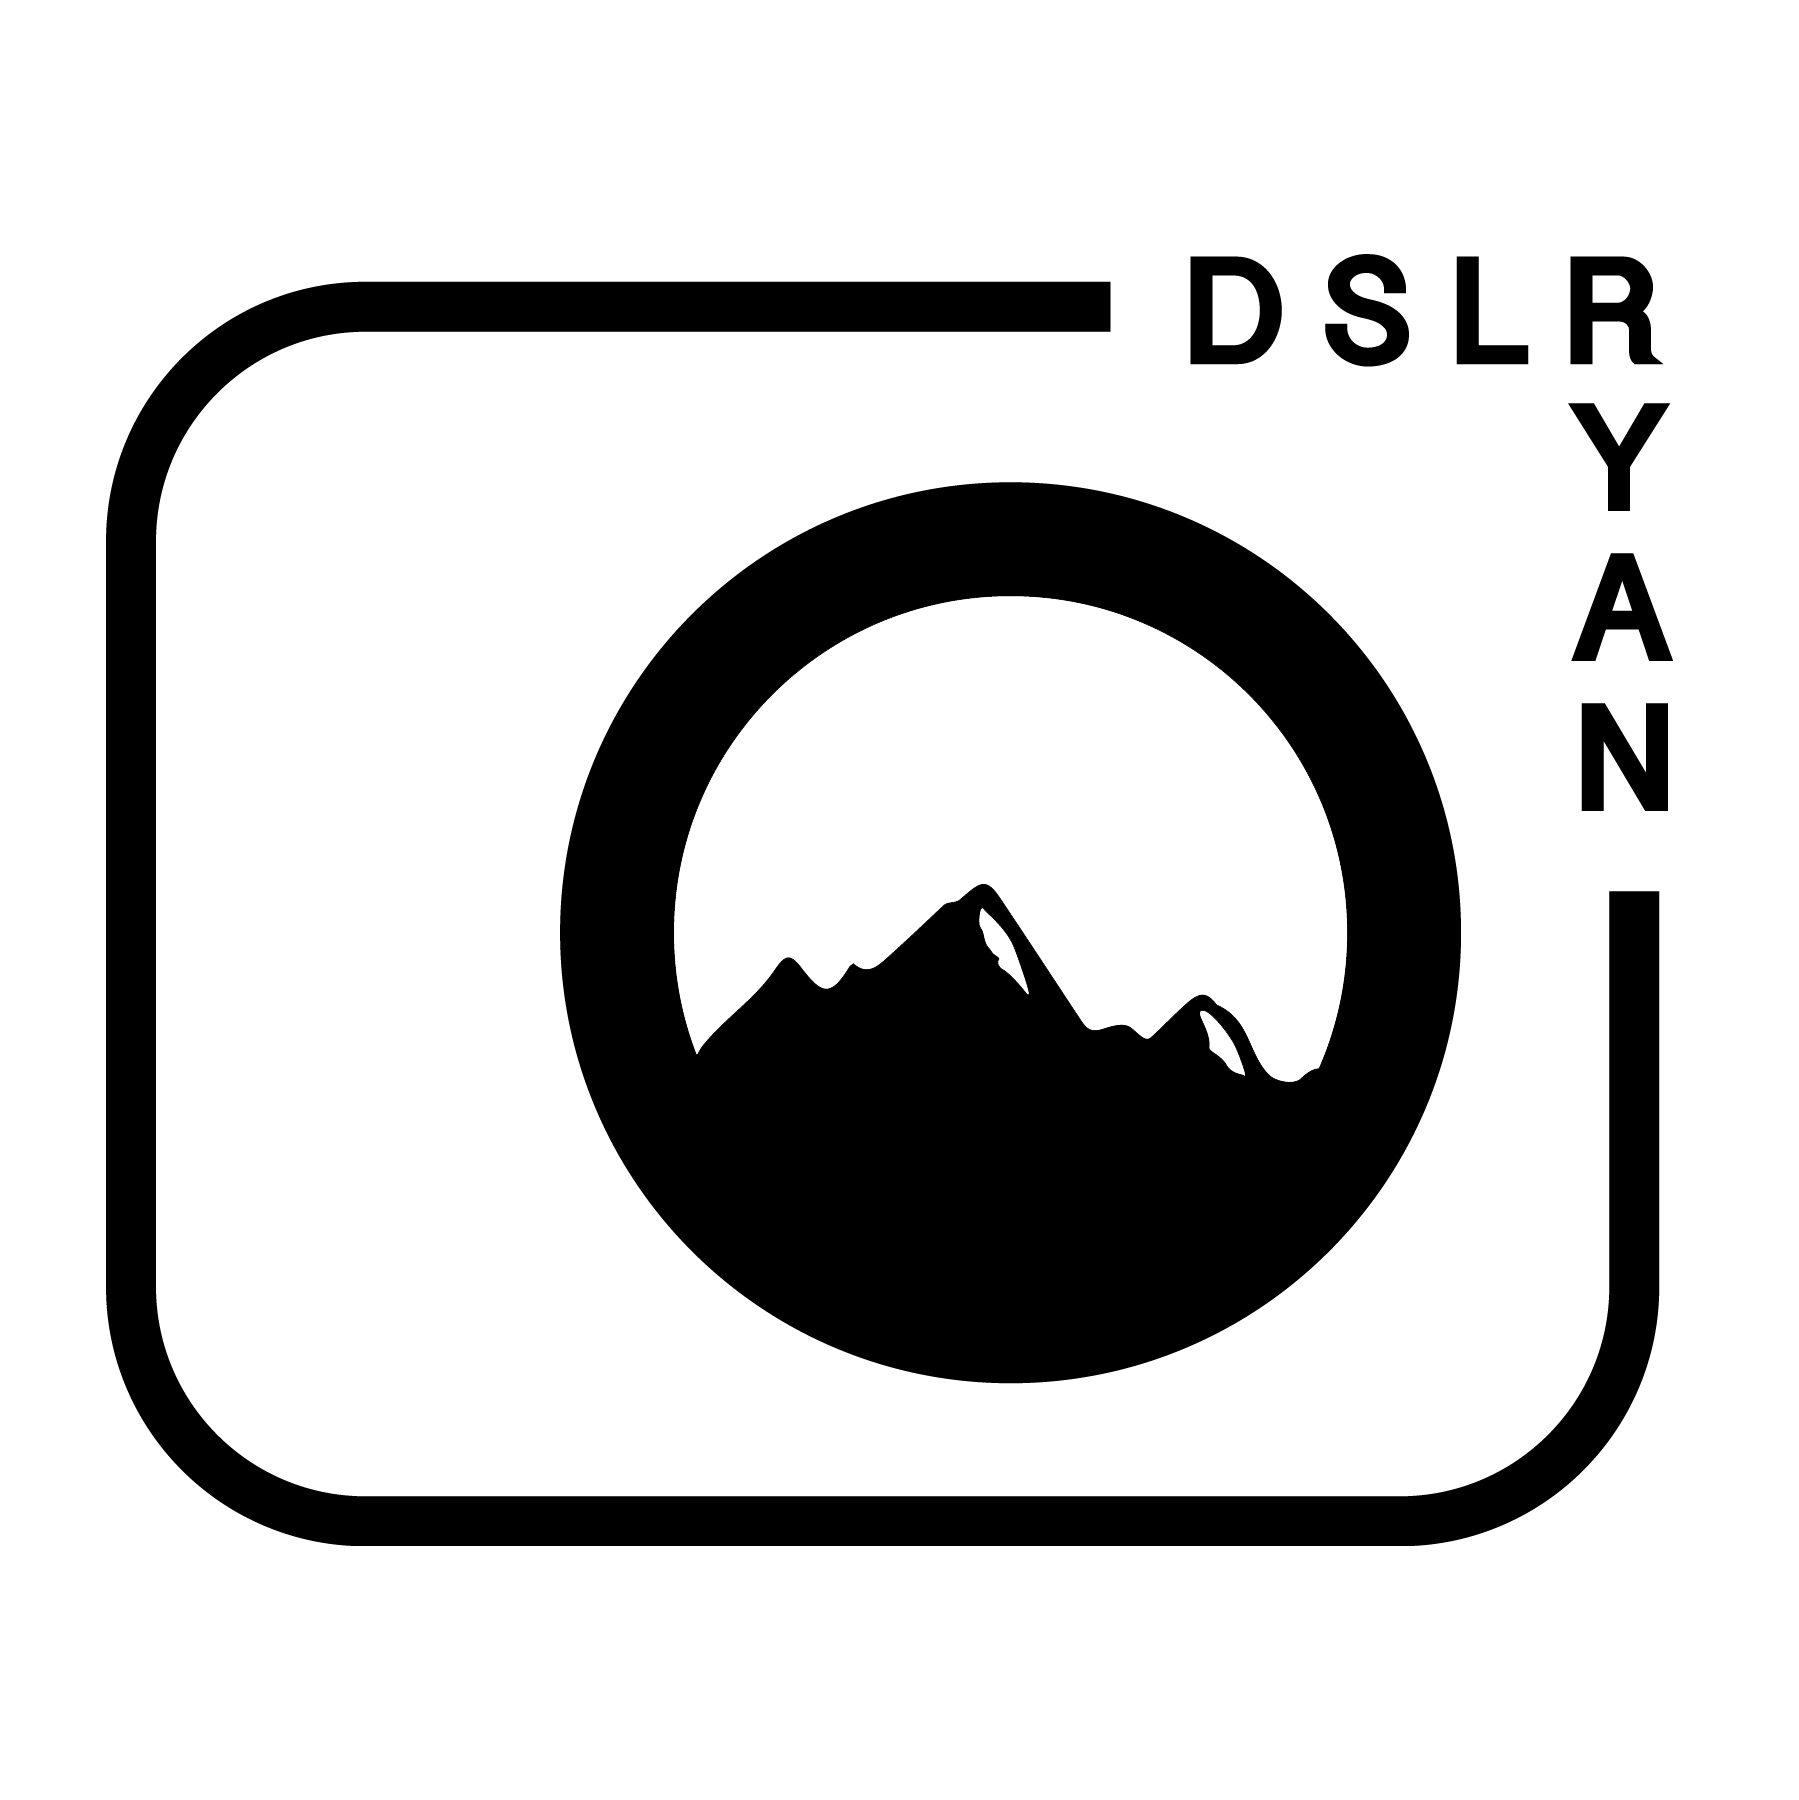 DSLRyan